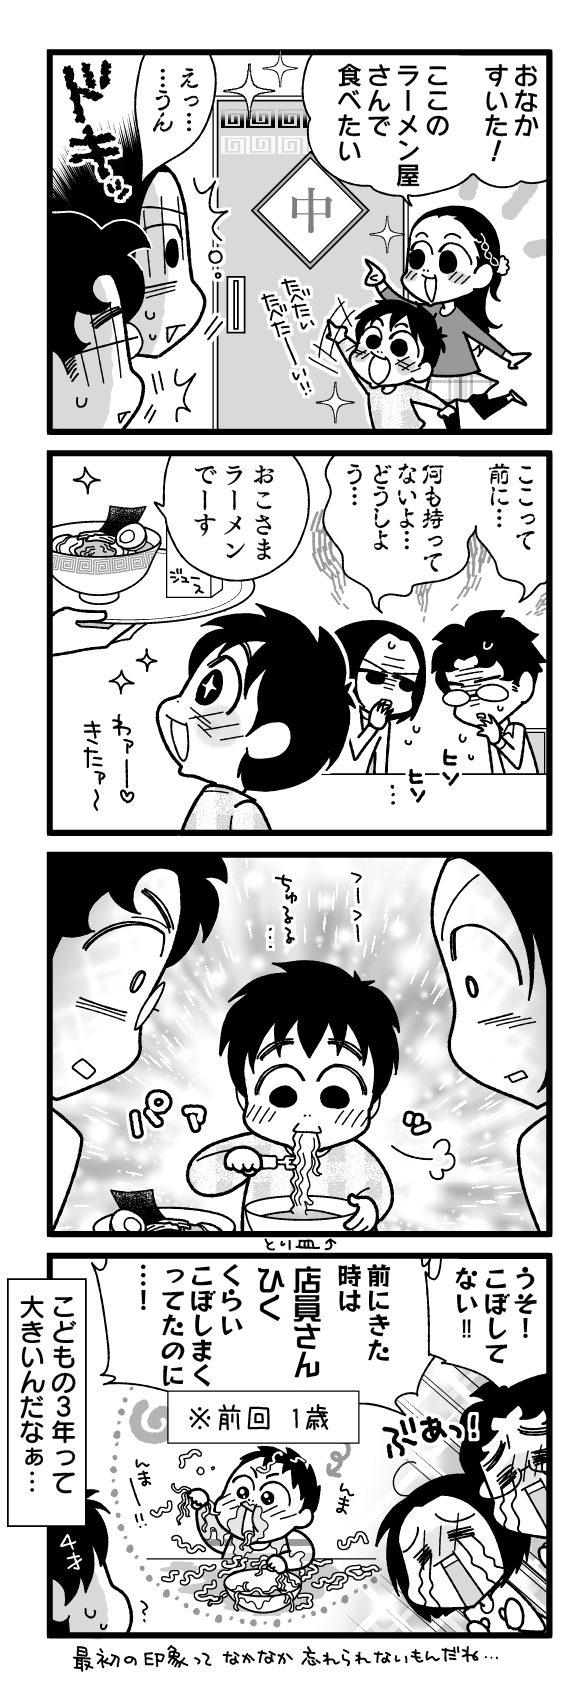 漫画『怒涛のにゅーじヨージ』Vol.185「ラーメン店のあの席で」 1コマ目